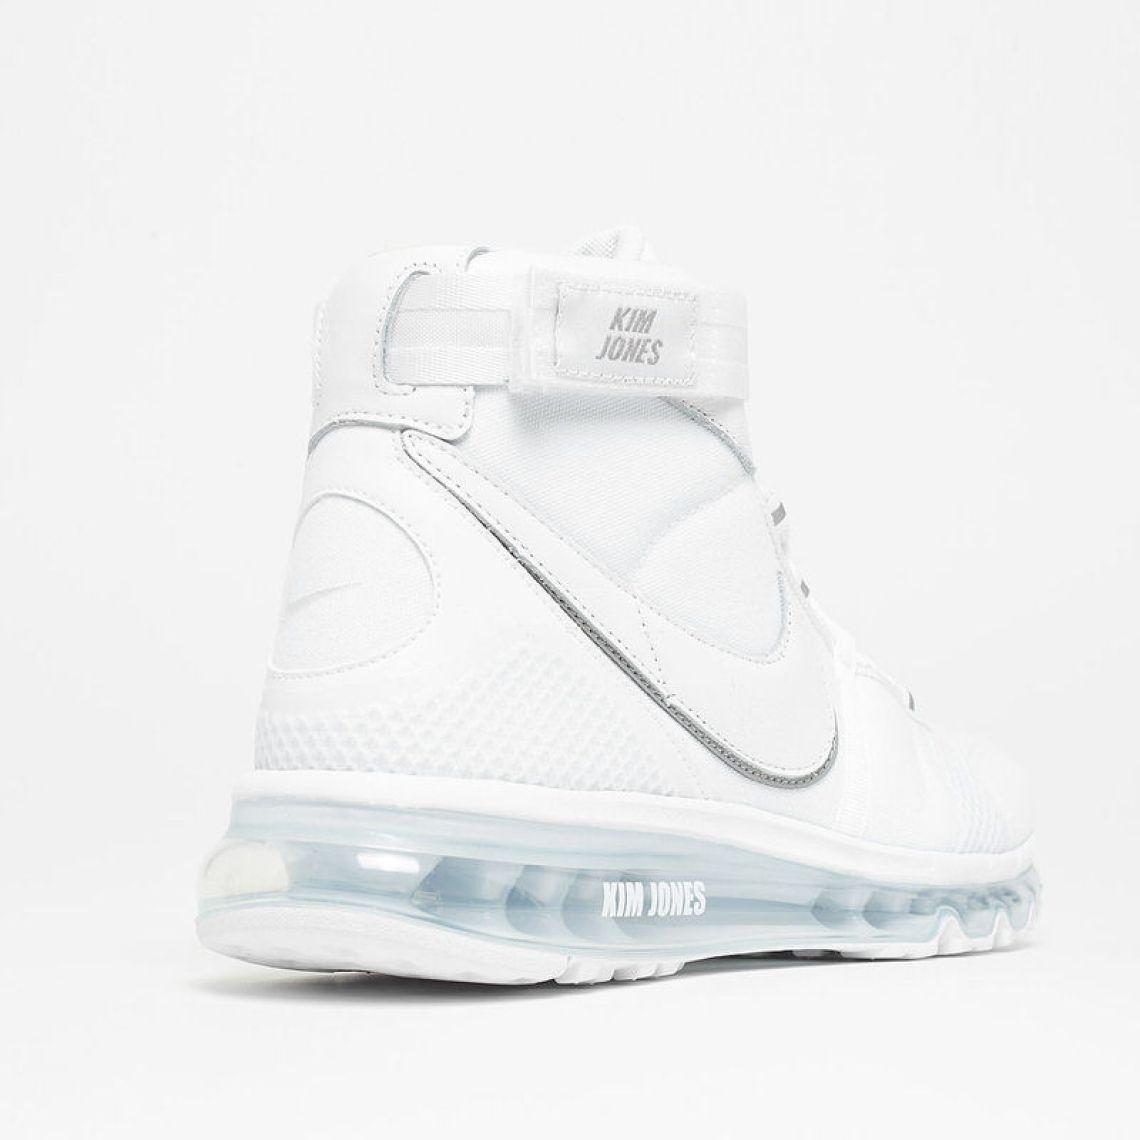 watch 58a4b 64cbf ... Kim Jones x Nike Air Max 360 Hi